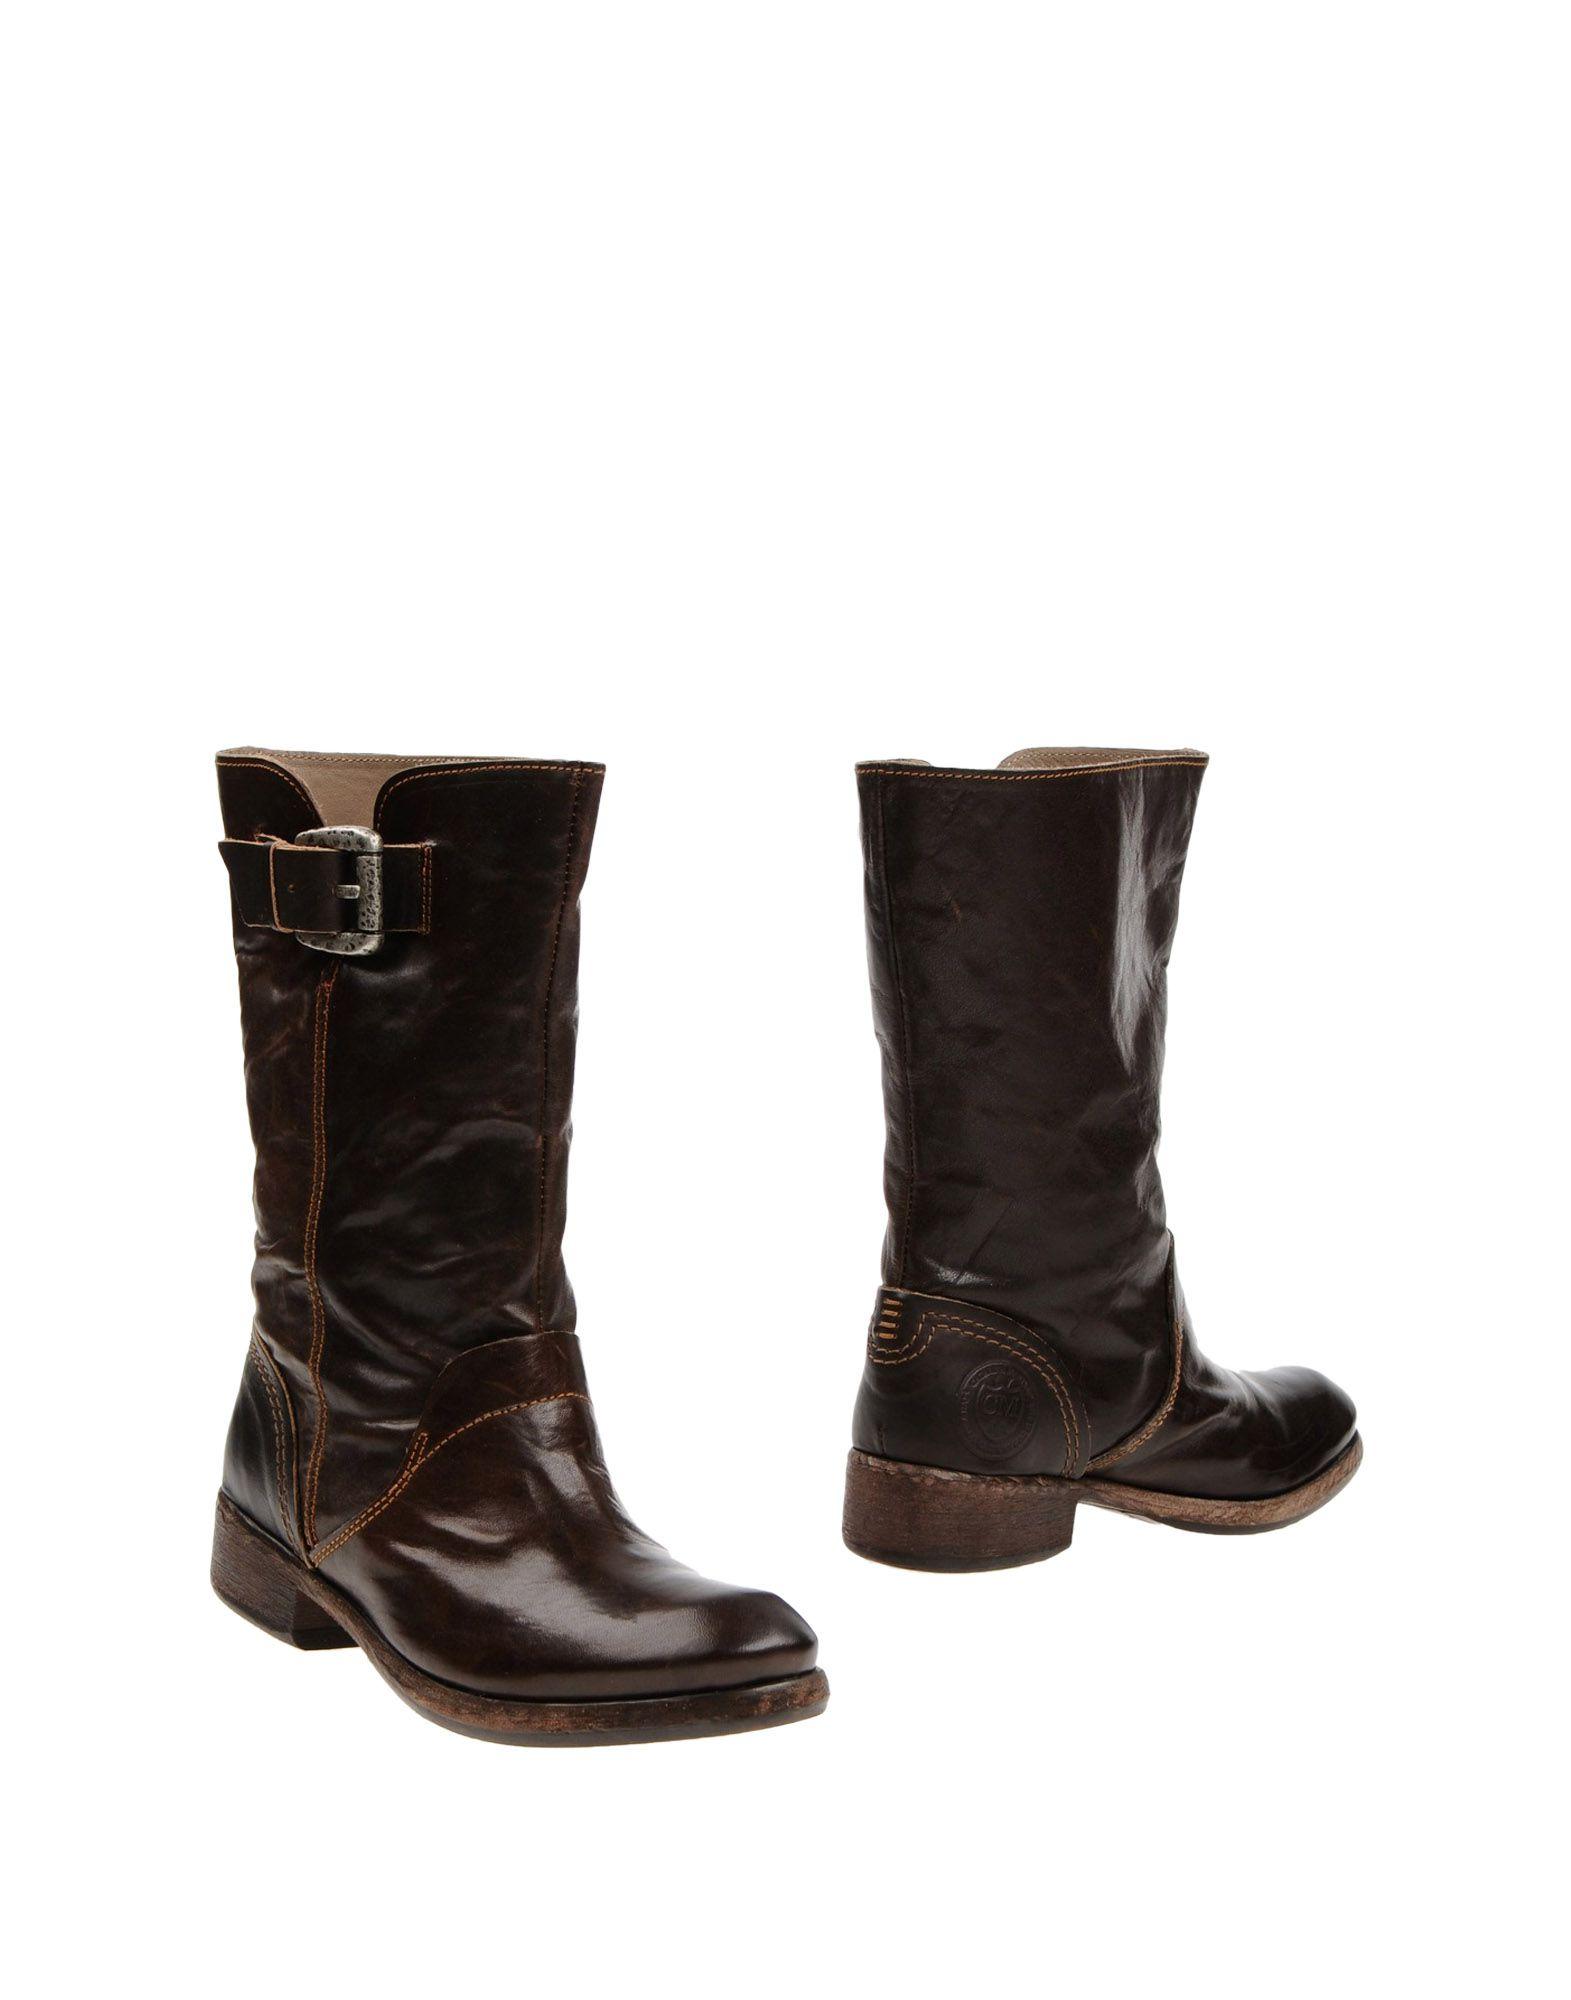 Catarina Martins Stiefelette Damen  11406221GG Gute Qualität beliebte Schuhe